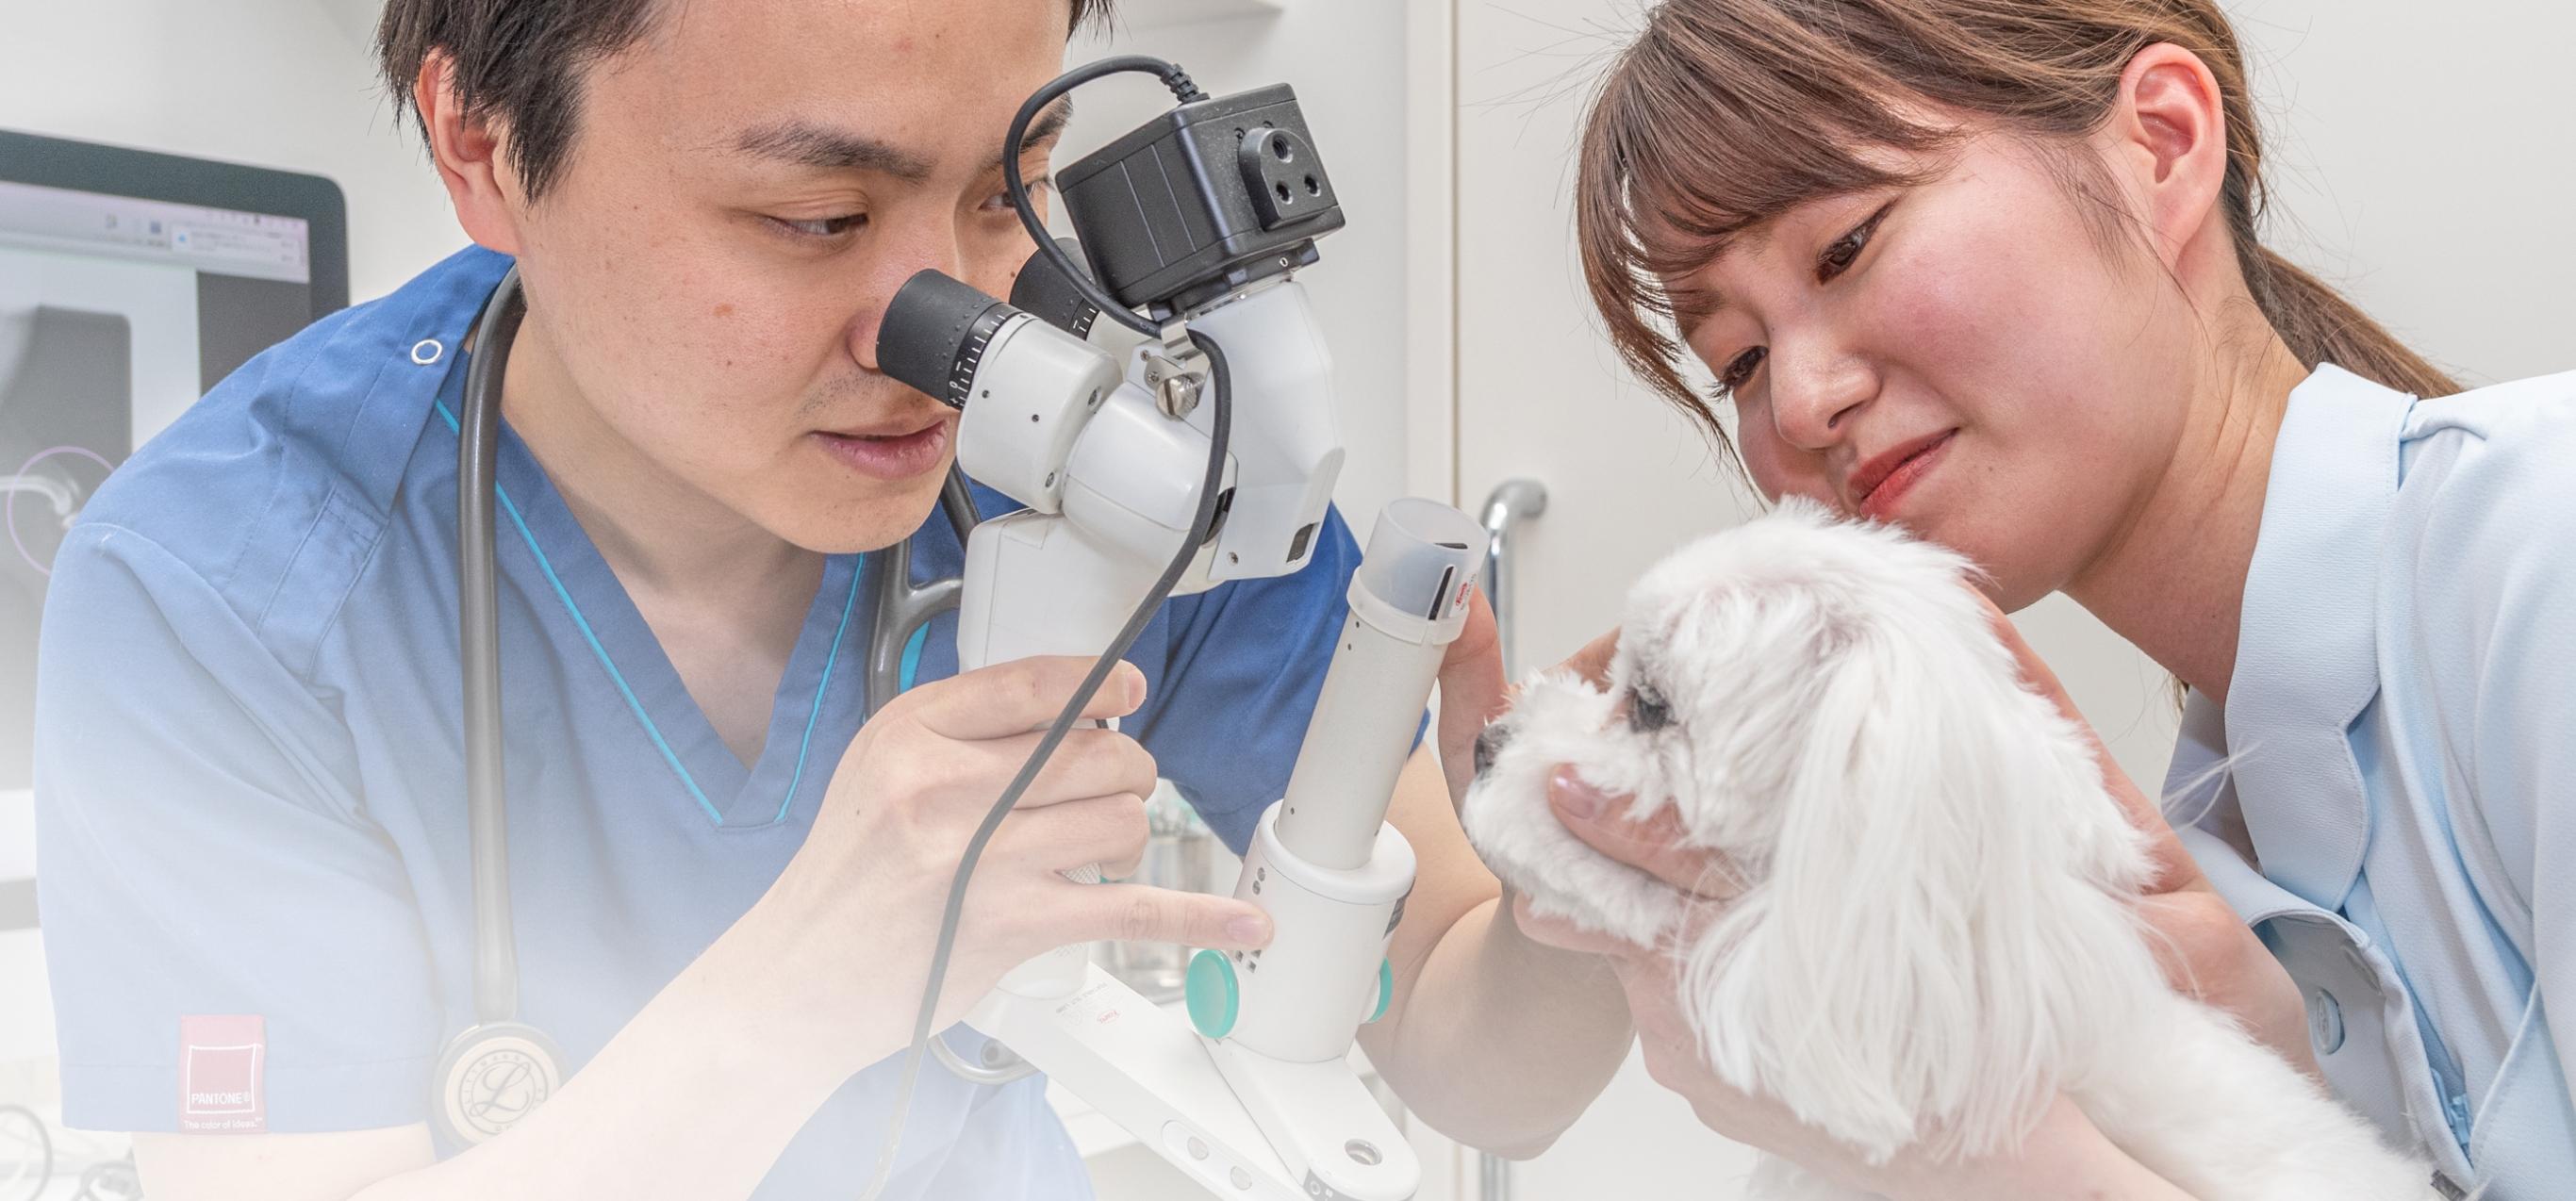 信頼のおける、質の高い獣医療を